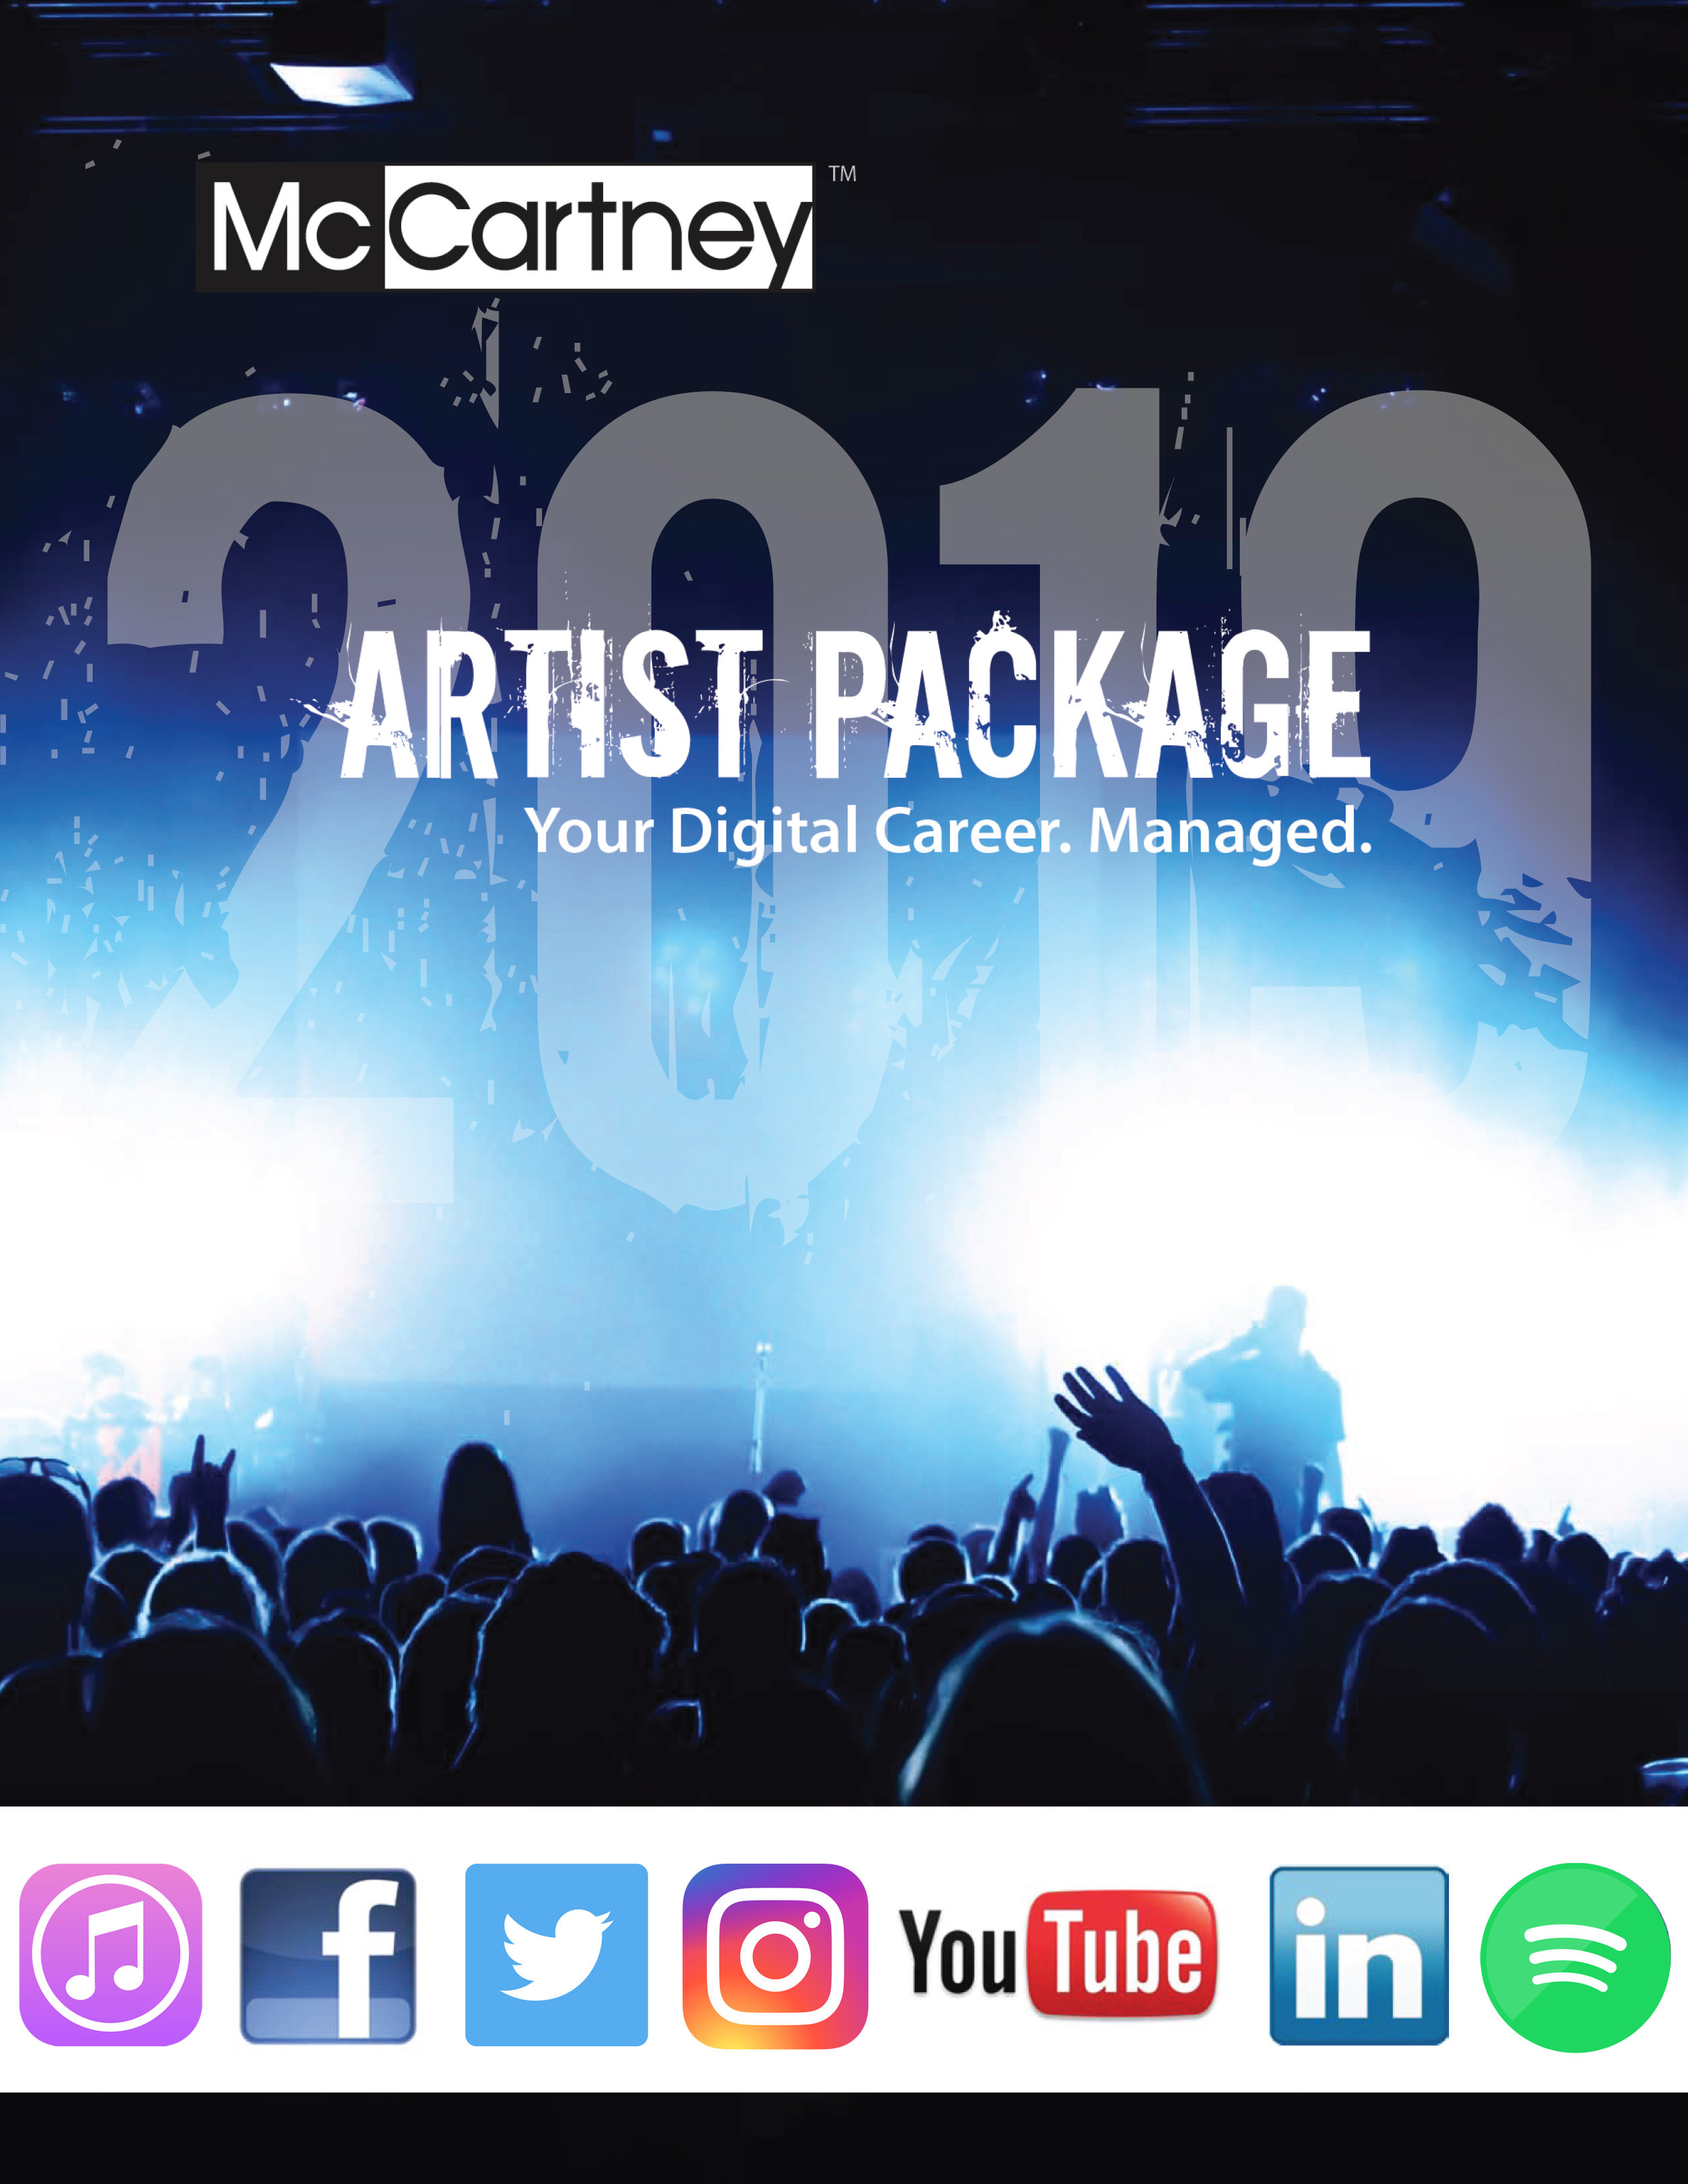 McCartney-Artist-Package-Cover.jpg